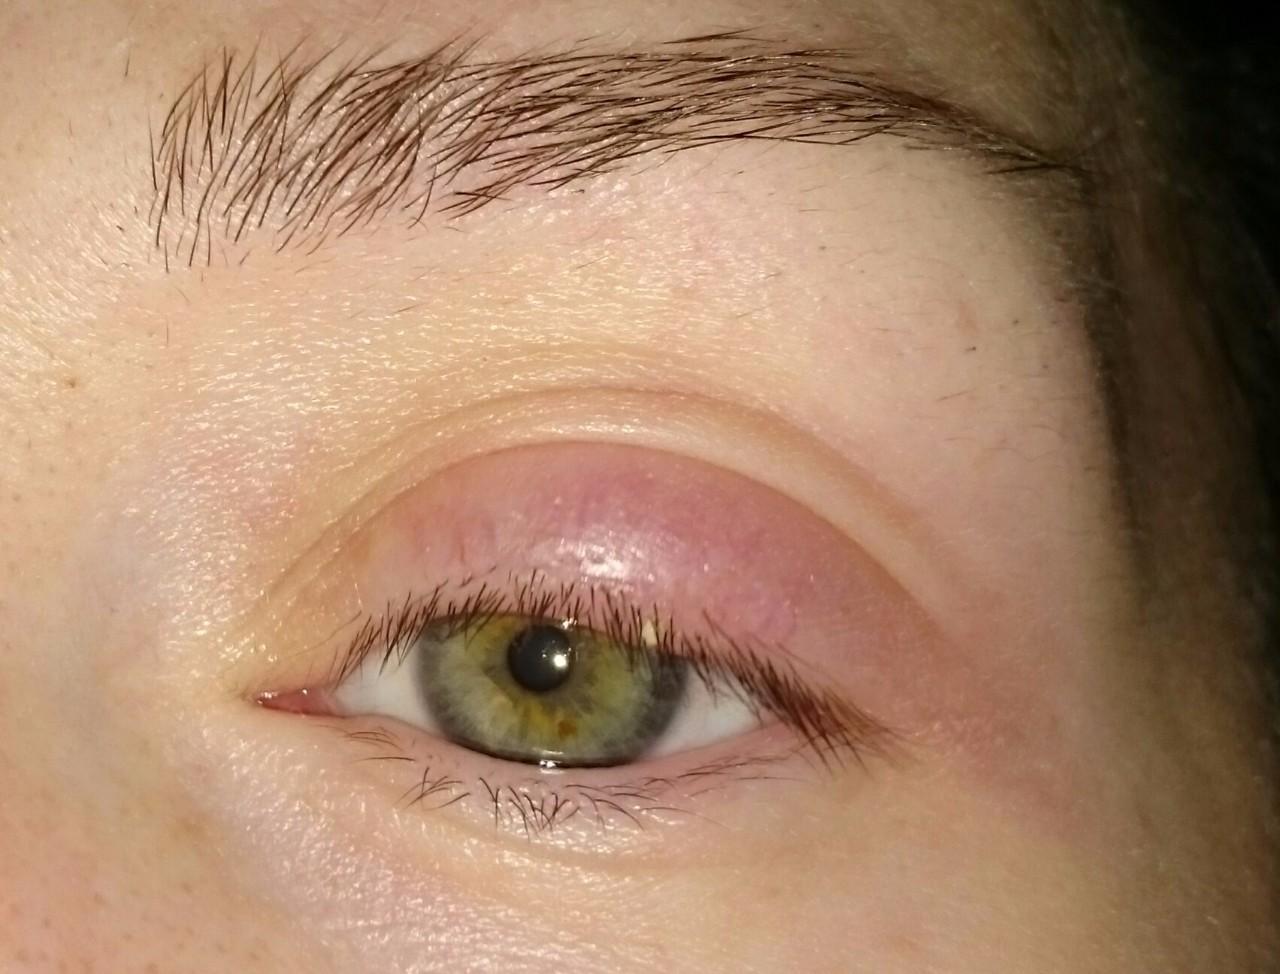 аллергия на верхнем веке глаза